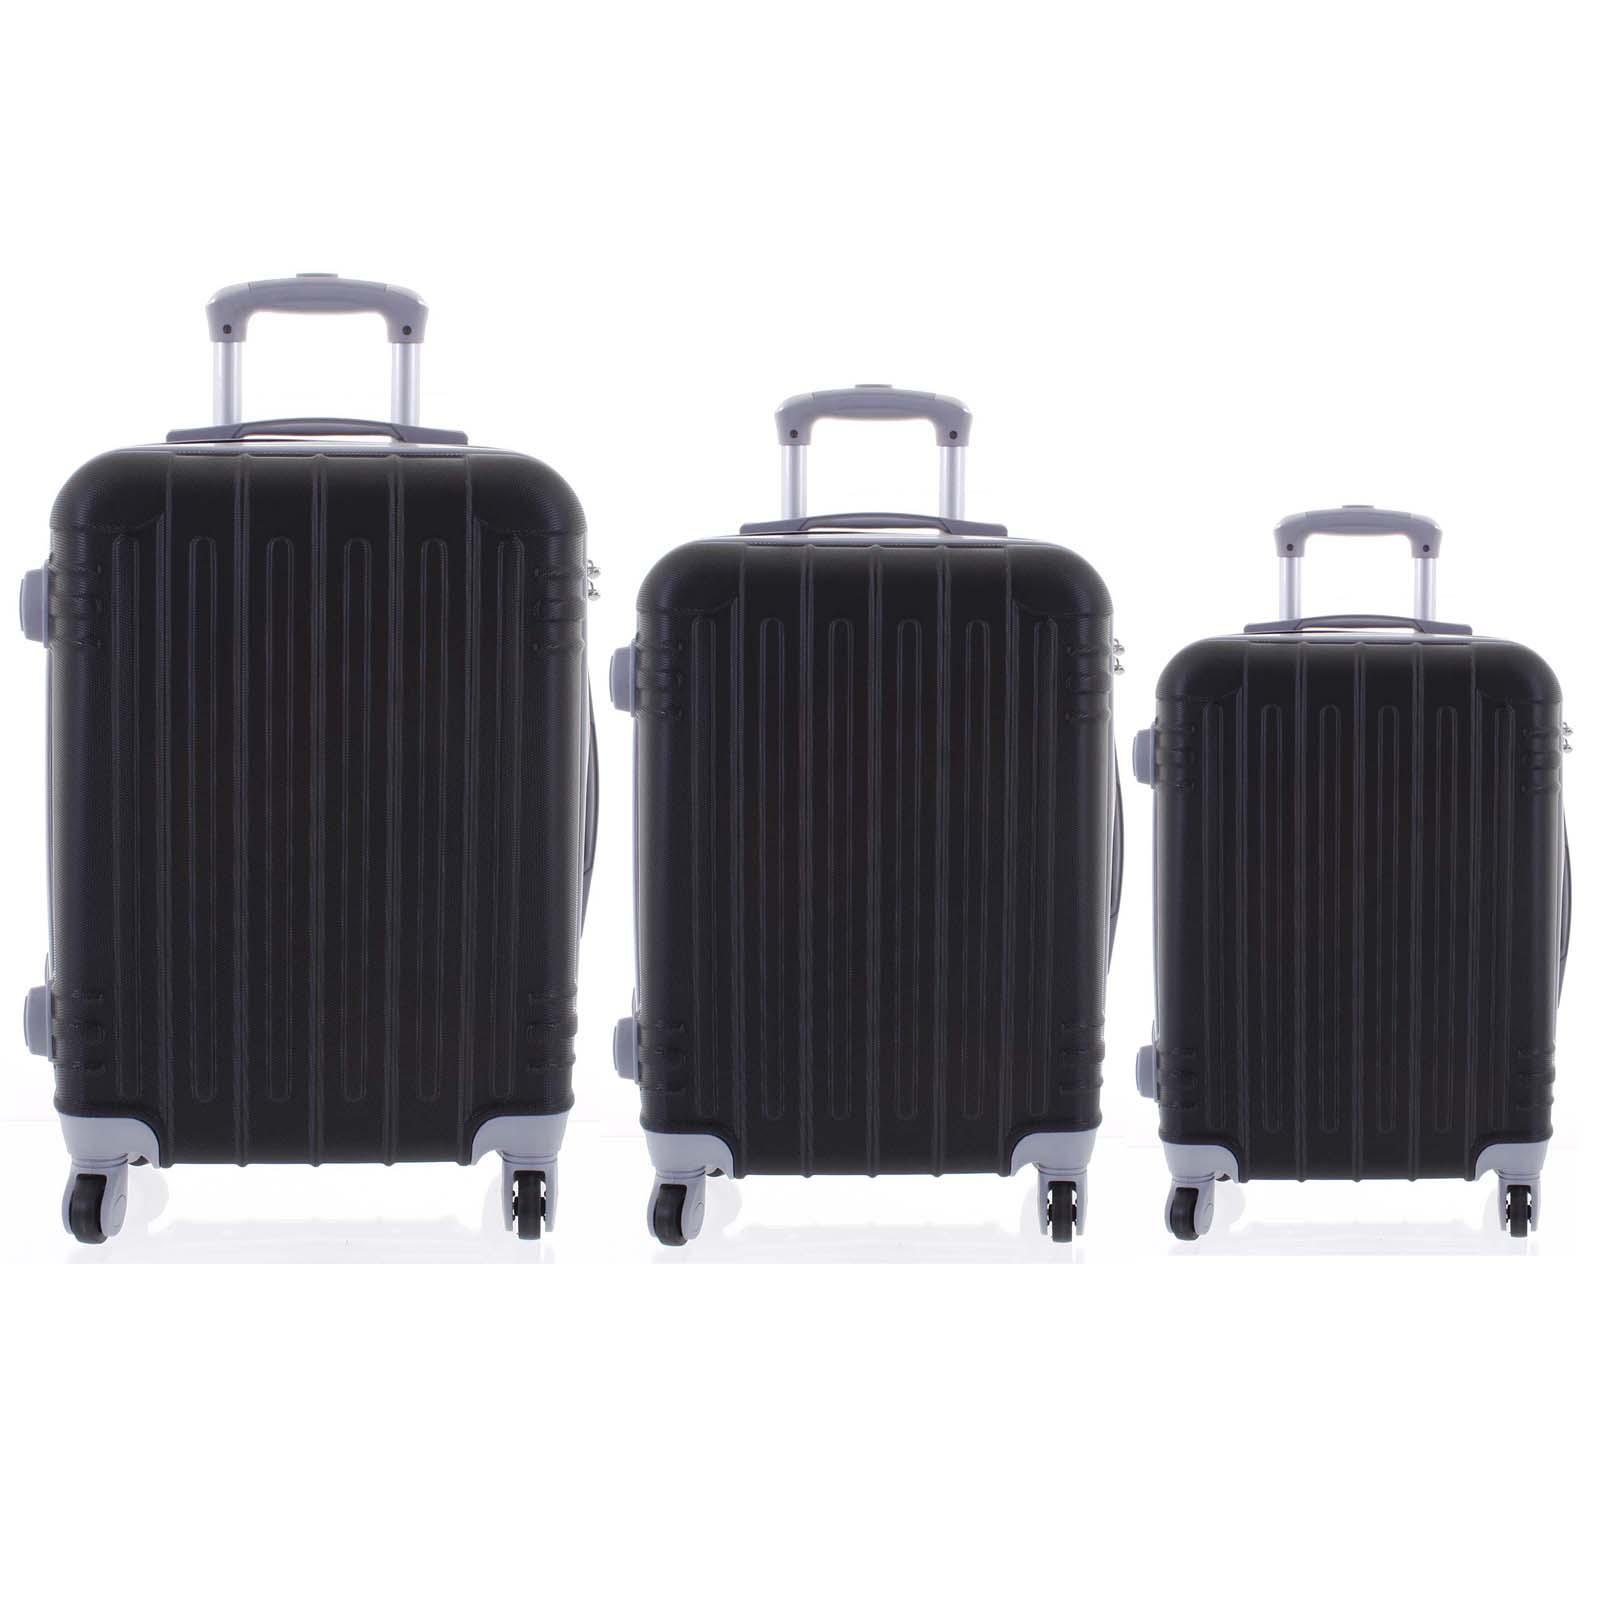 Moderní černý skořepinový cestovní kufr sada - Ormi Dopp S, M, L